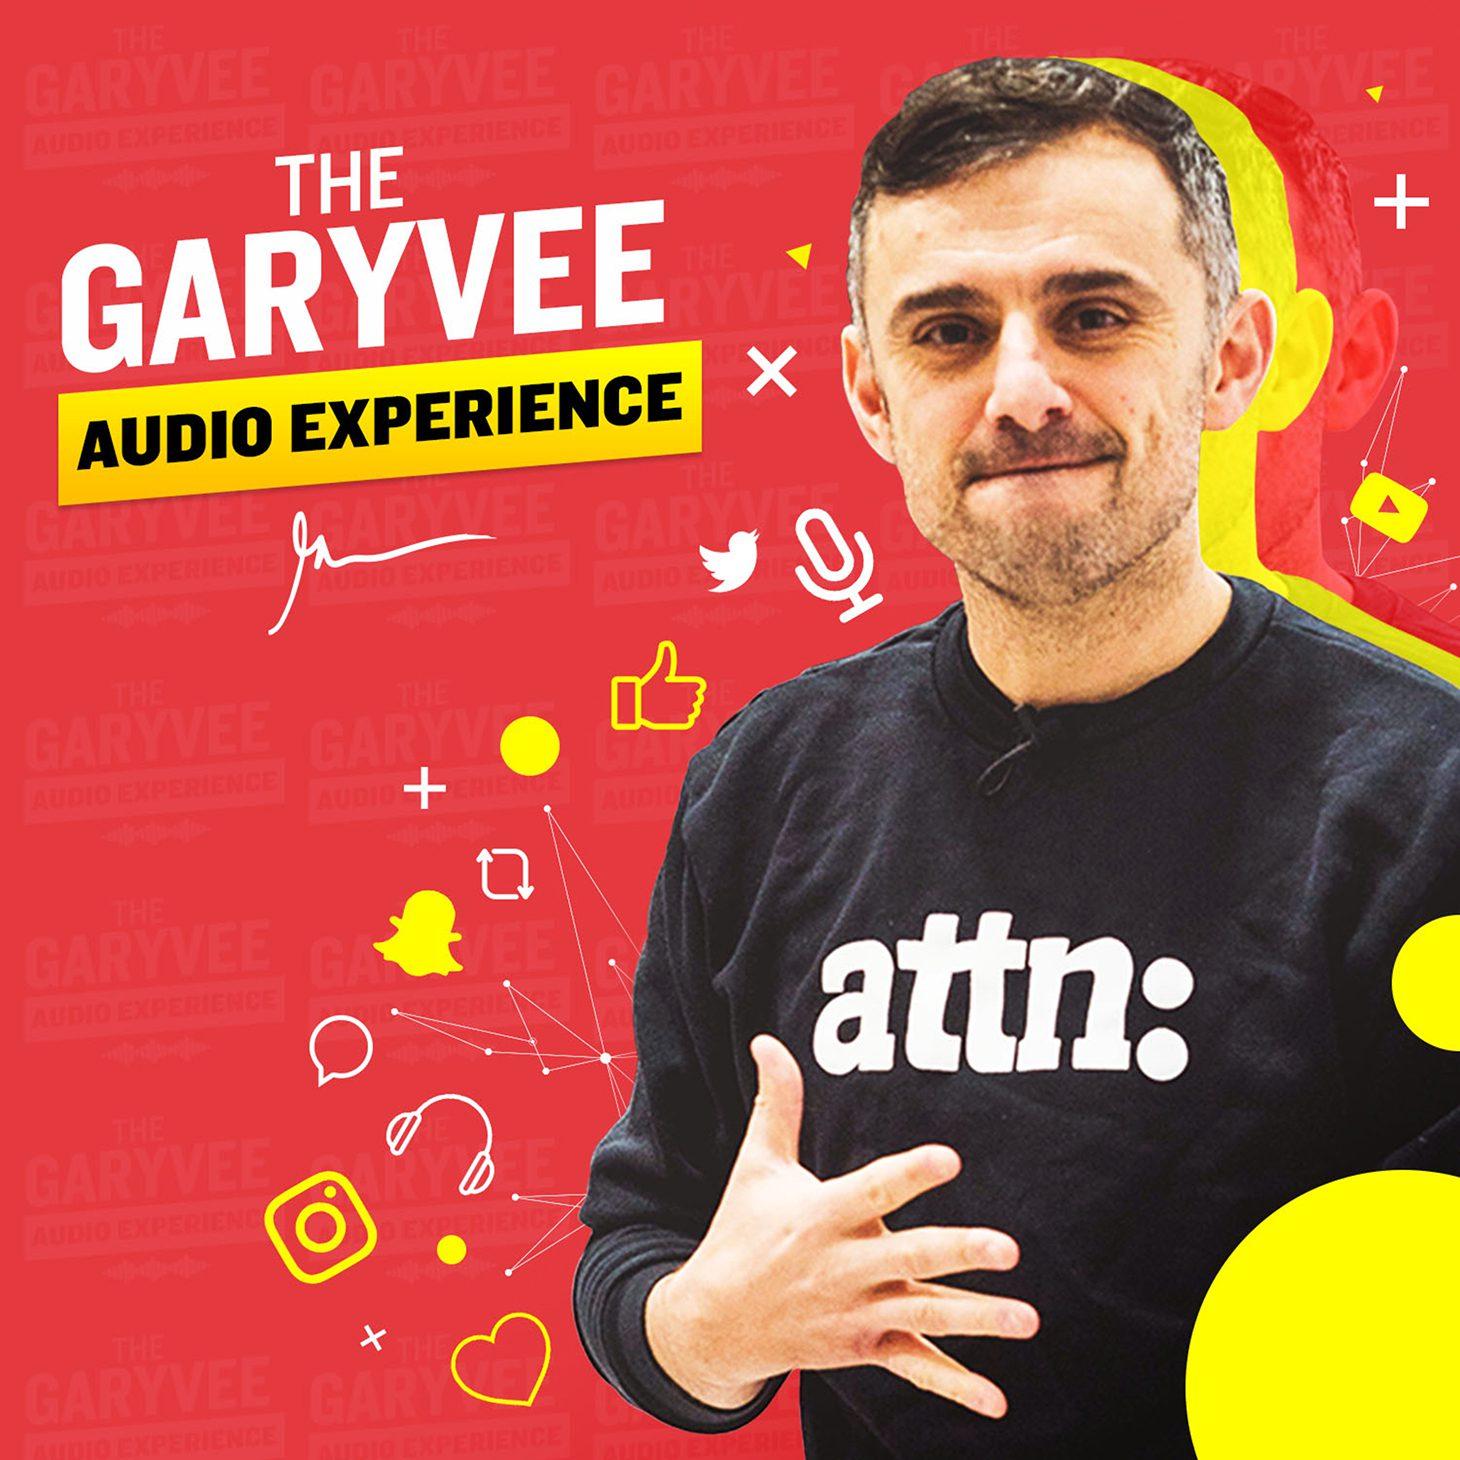 GaryVee Audio Experience Podcast